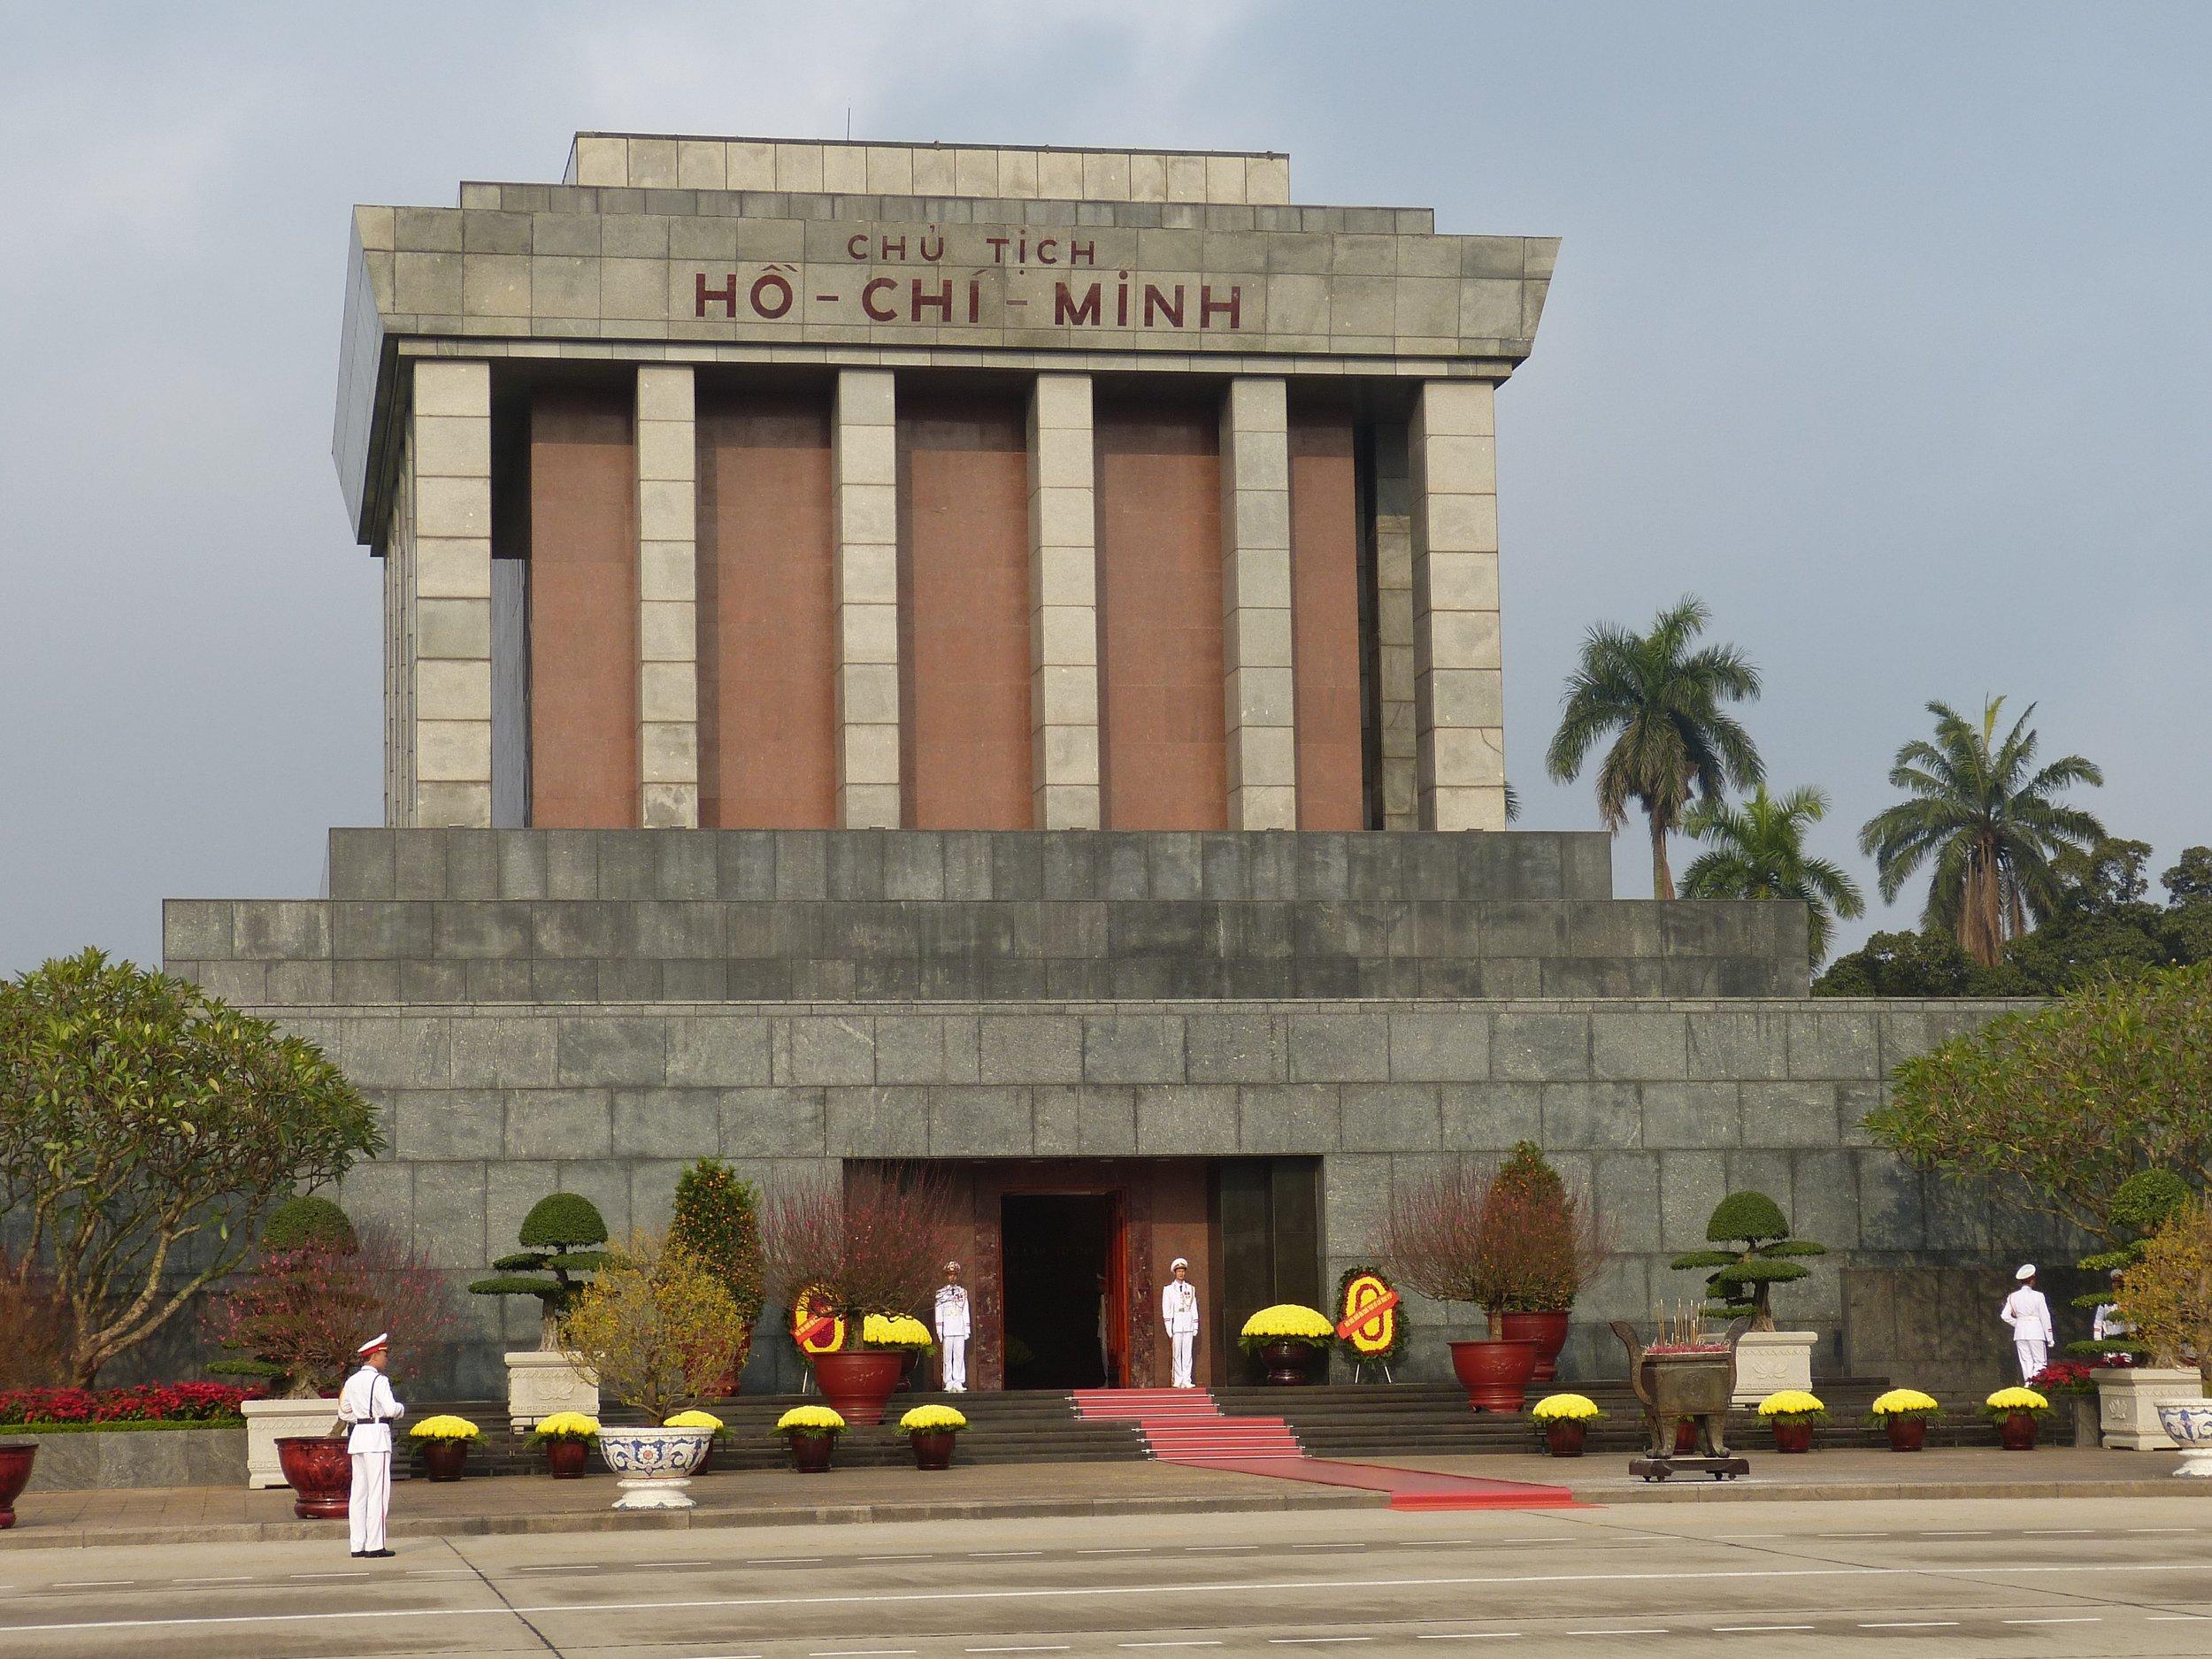 3 Weeks in Vietnam - the Ho Chi Minh Mausoleum in Hanoi, Vietnam